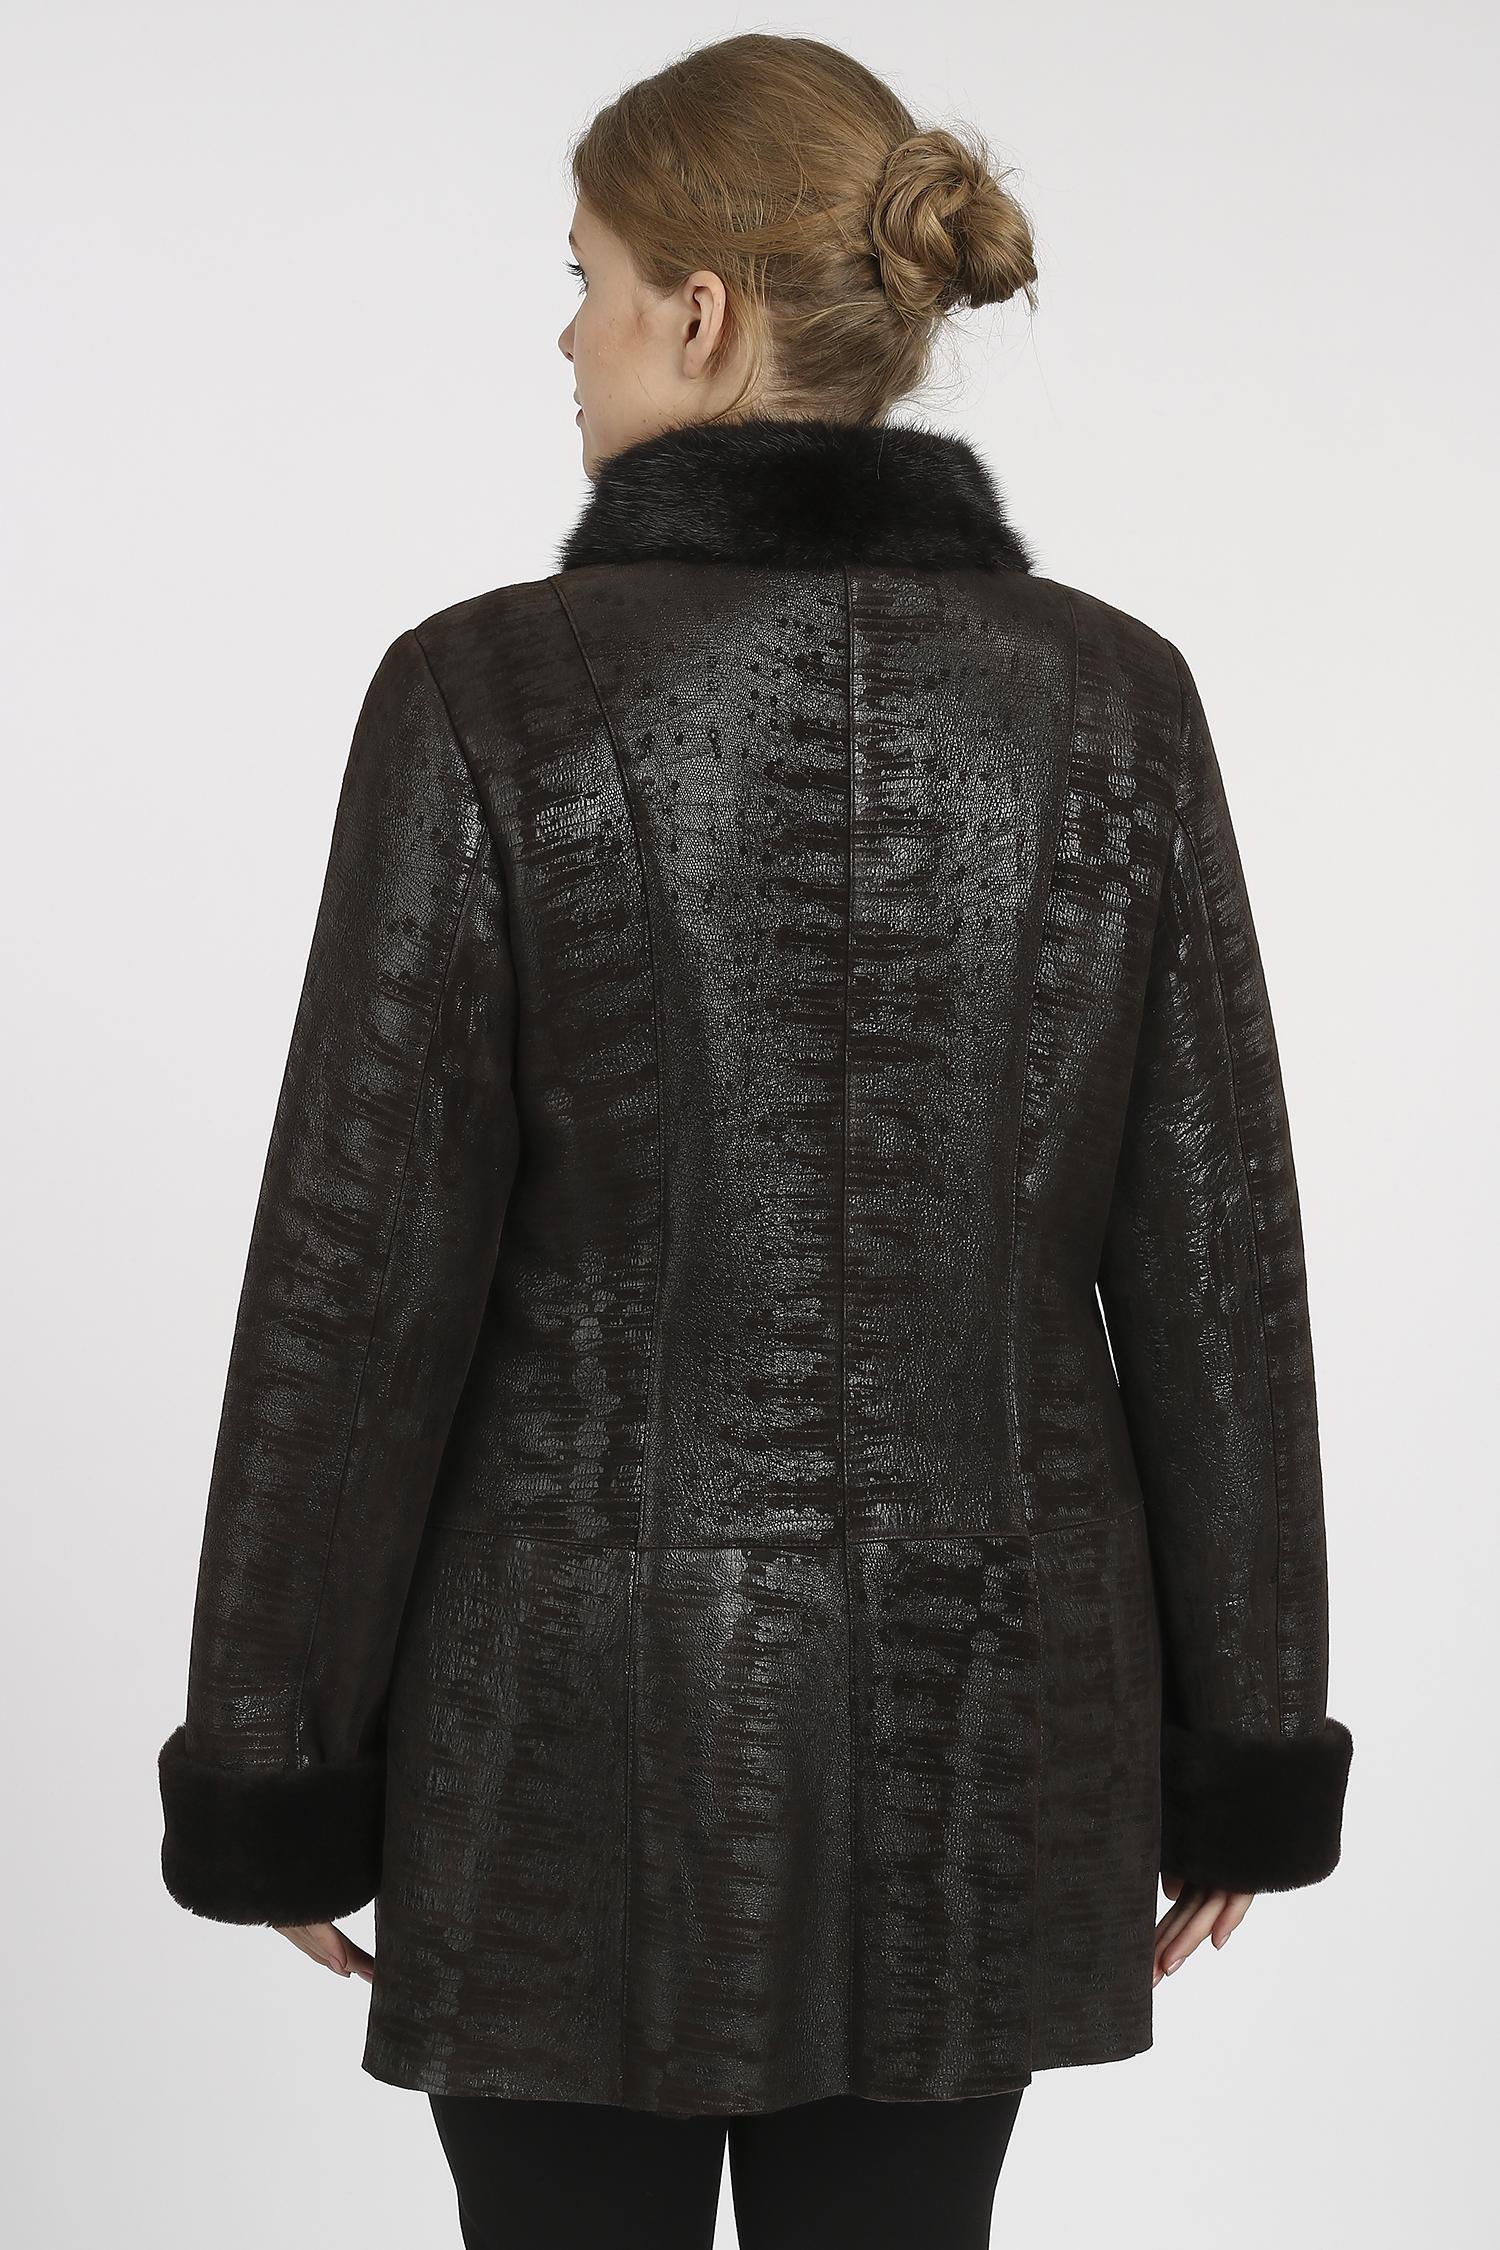 Женская кожаная куртка из натуральной кожи с воротником, отделка искусственный мех